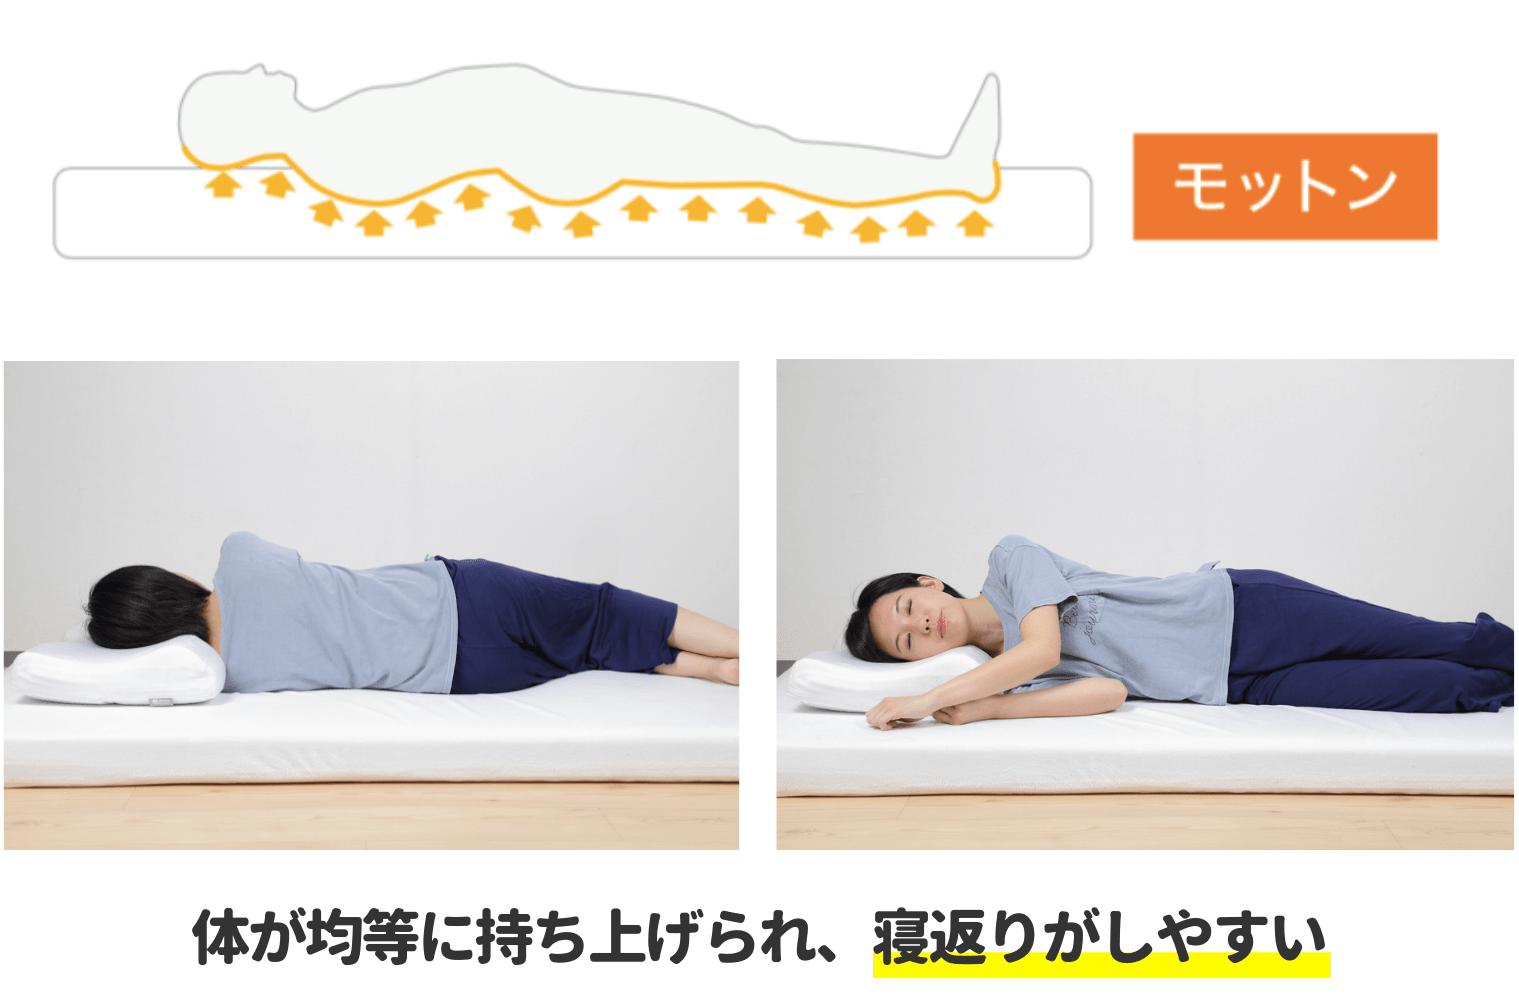 モットン体圧分散で寝返り